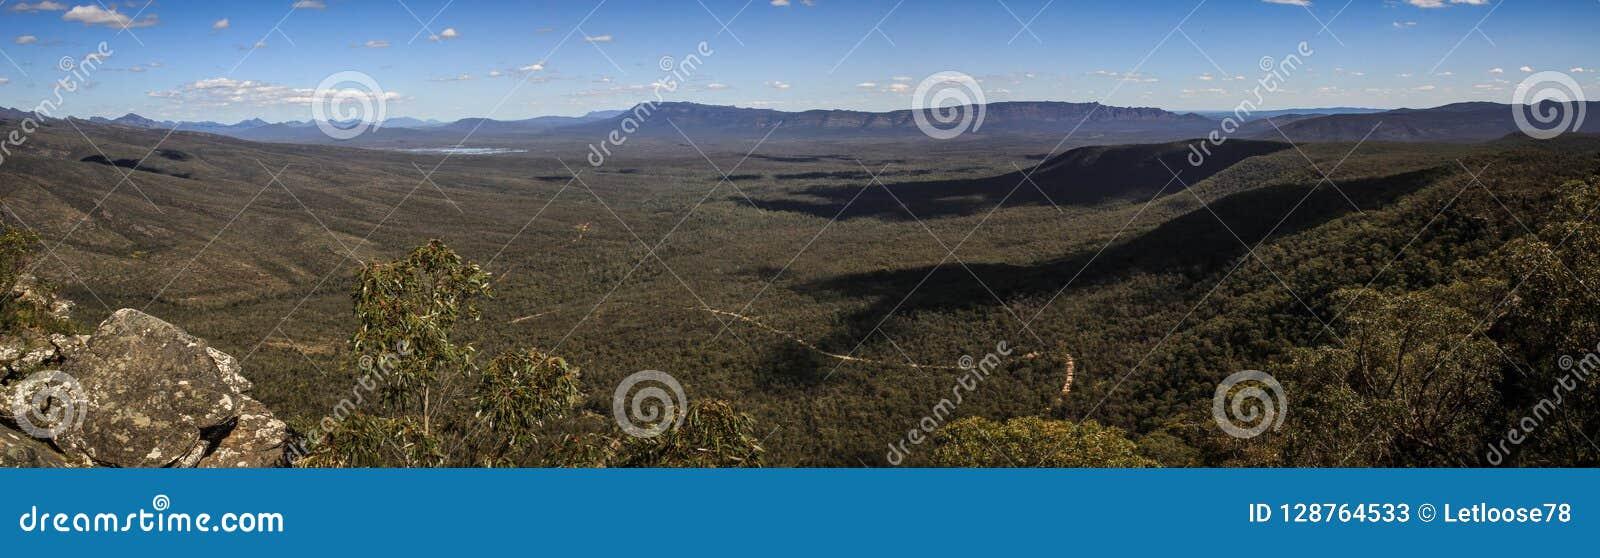 Panoramautsikt från Reid utkik och balkongerna, Grampiansen, Victoria, Australien,